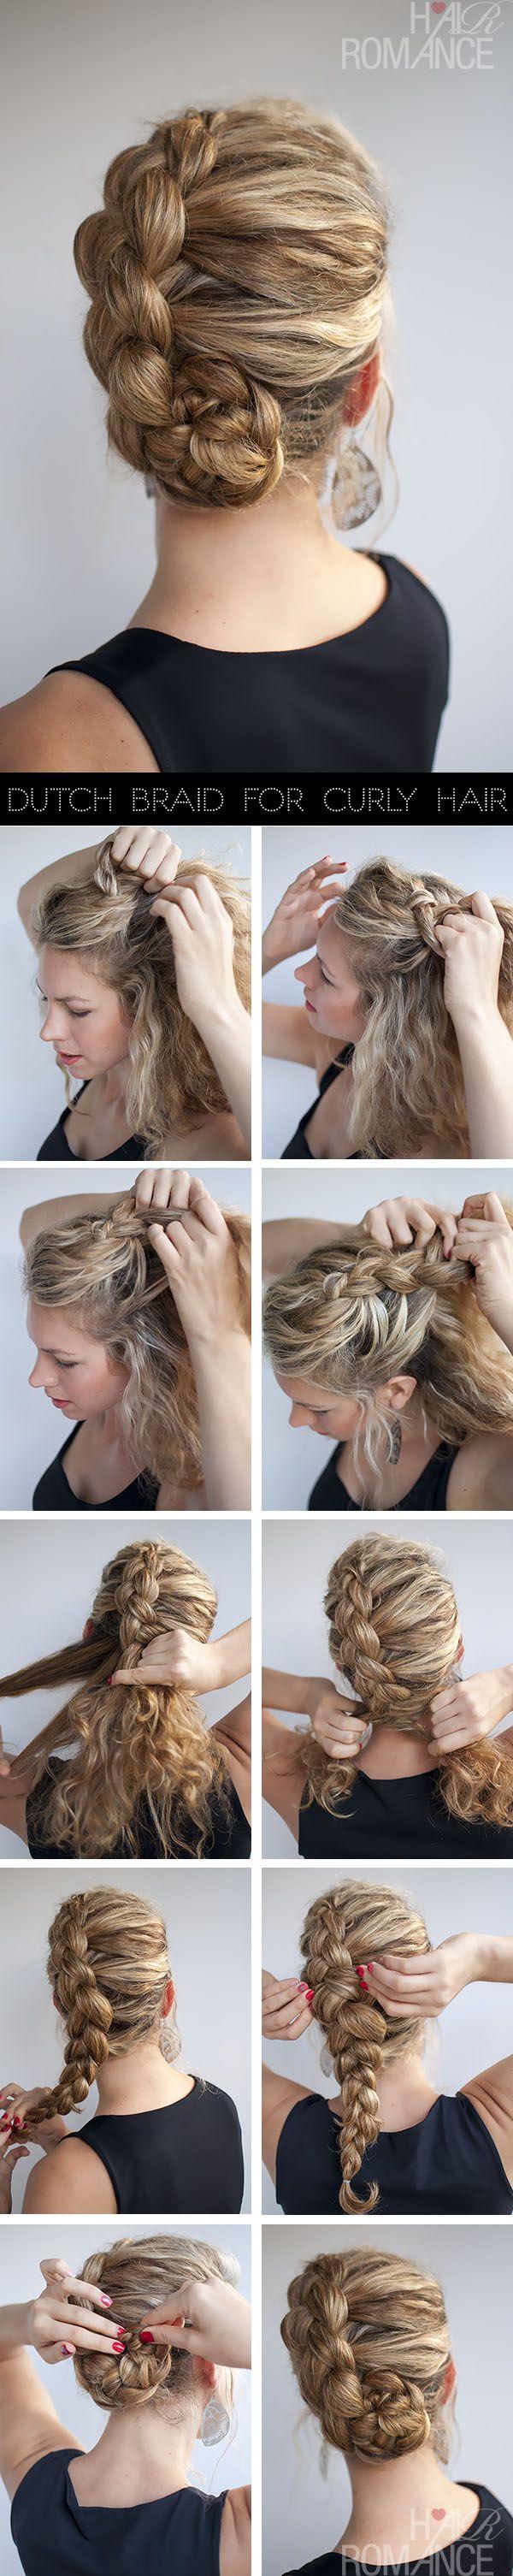 Hair+Tutorials+for+Medium+Hair | Hairstyle for curly hair: Dutch braid tutorial | Hair Romance